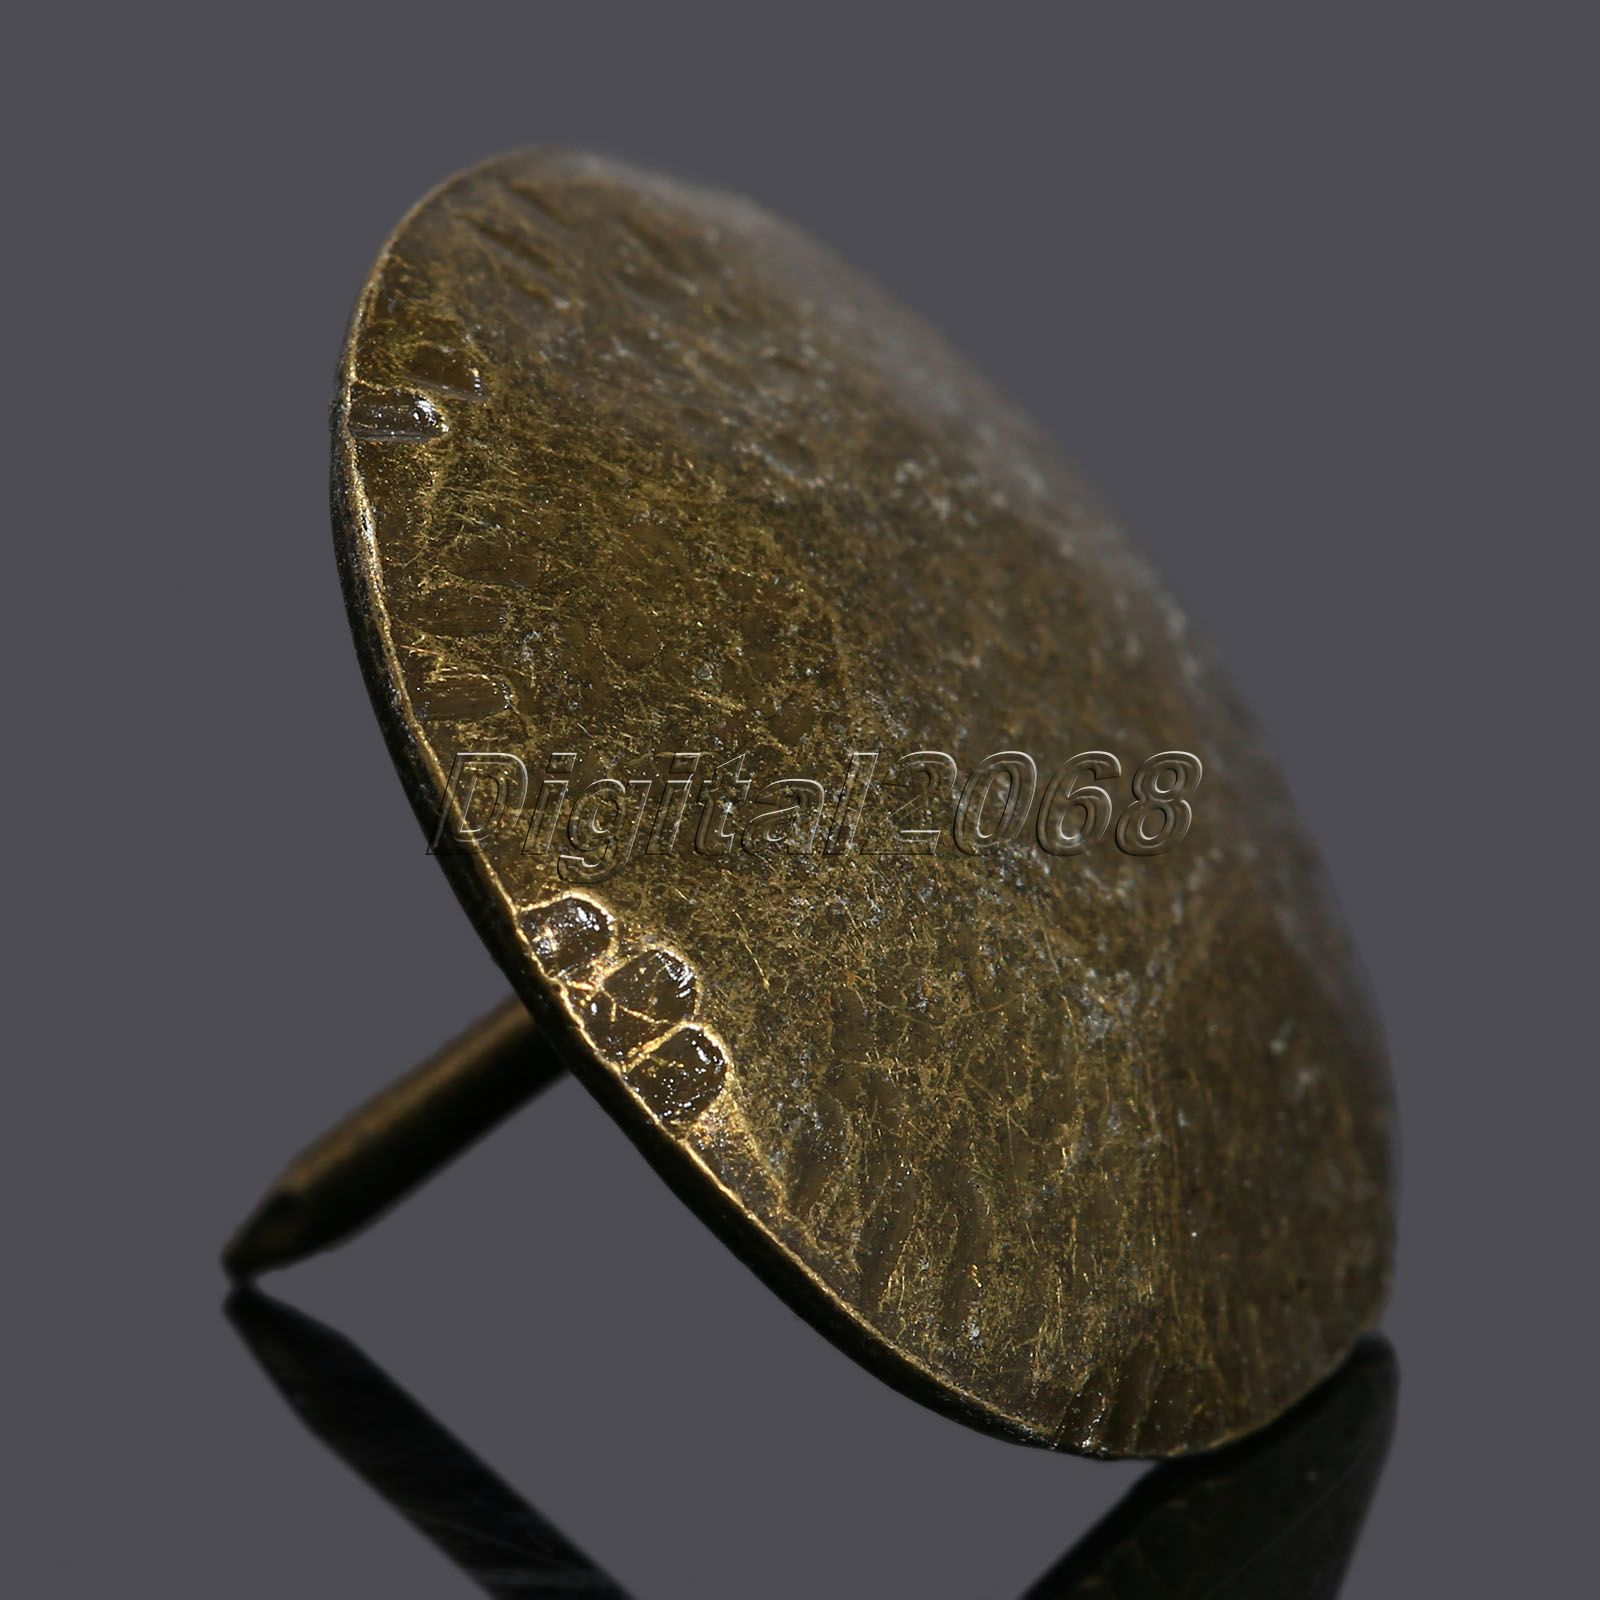 50 Unids Muebles De Nido De Abeja De Bronce Pins Tachuelas  # Muebles Nido De Abeja